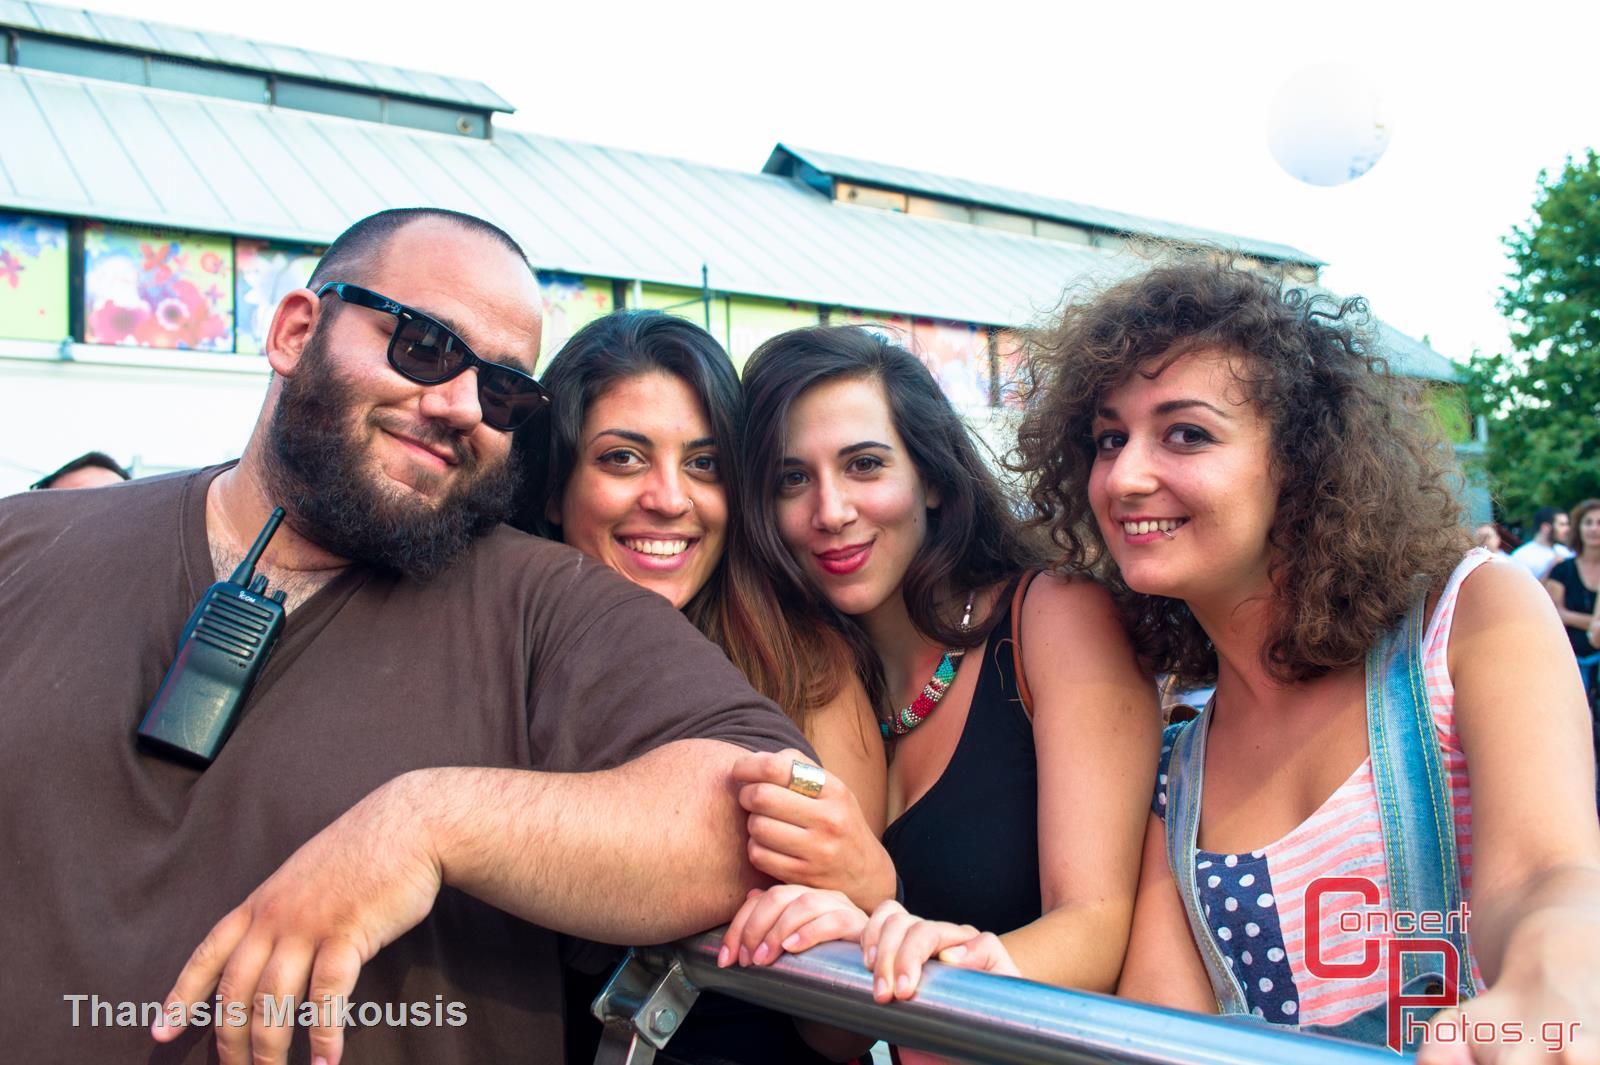 En Lefko 2014-En Lefko 2014 photographer: Thanasis Maikousis - concertphotos_20140621_20_39_50